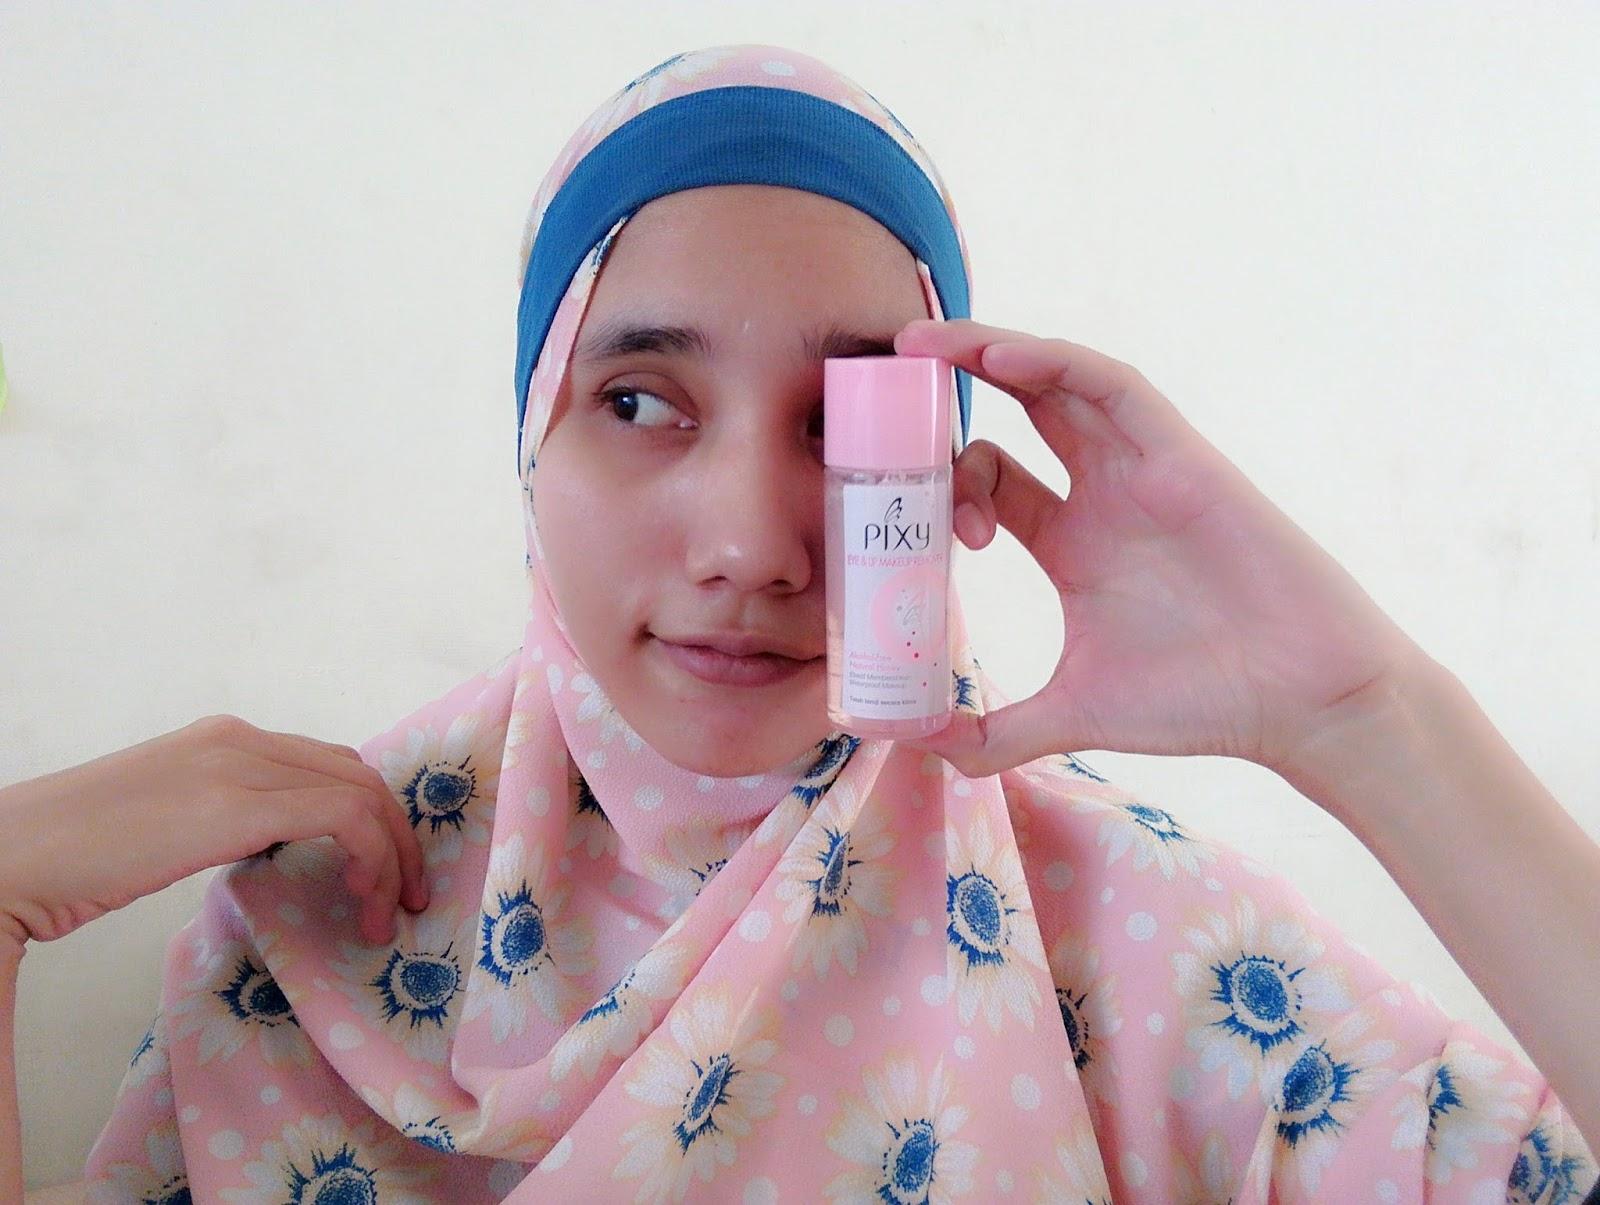 Sebelum mengaplikasikan makeup ke wajah terlebih dahulu kita harus membersihkan sisa sisa apapun yang bisa menghambat kesempurnaan makeup